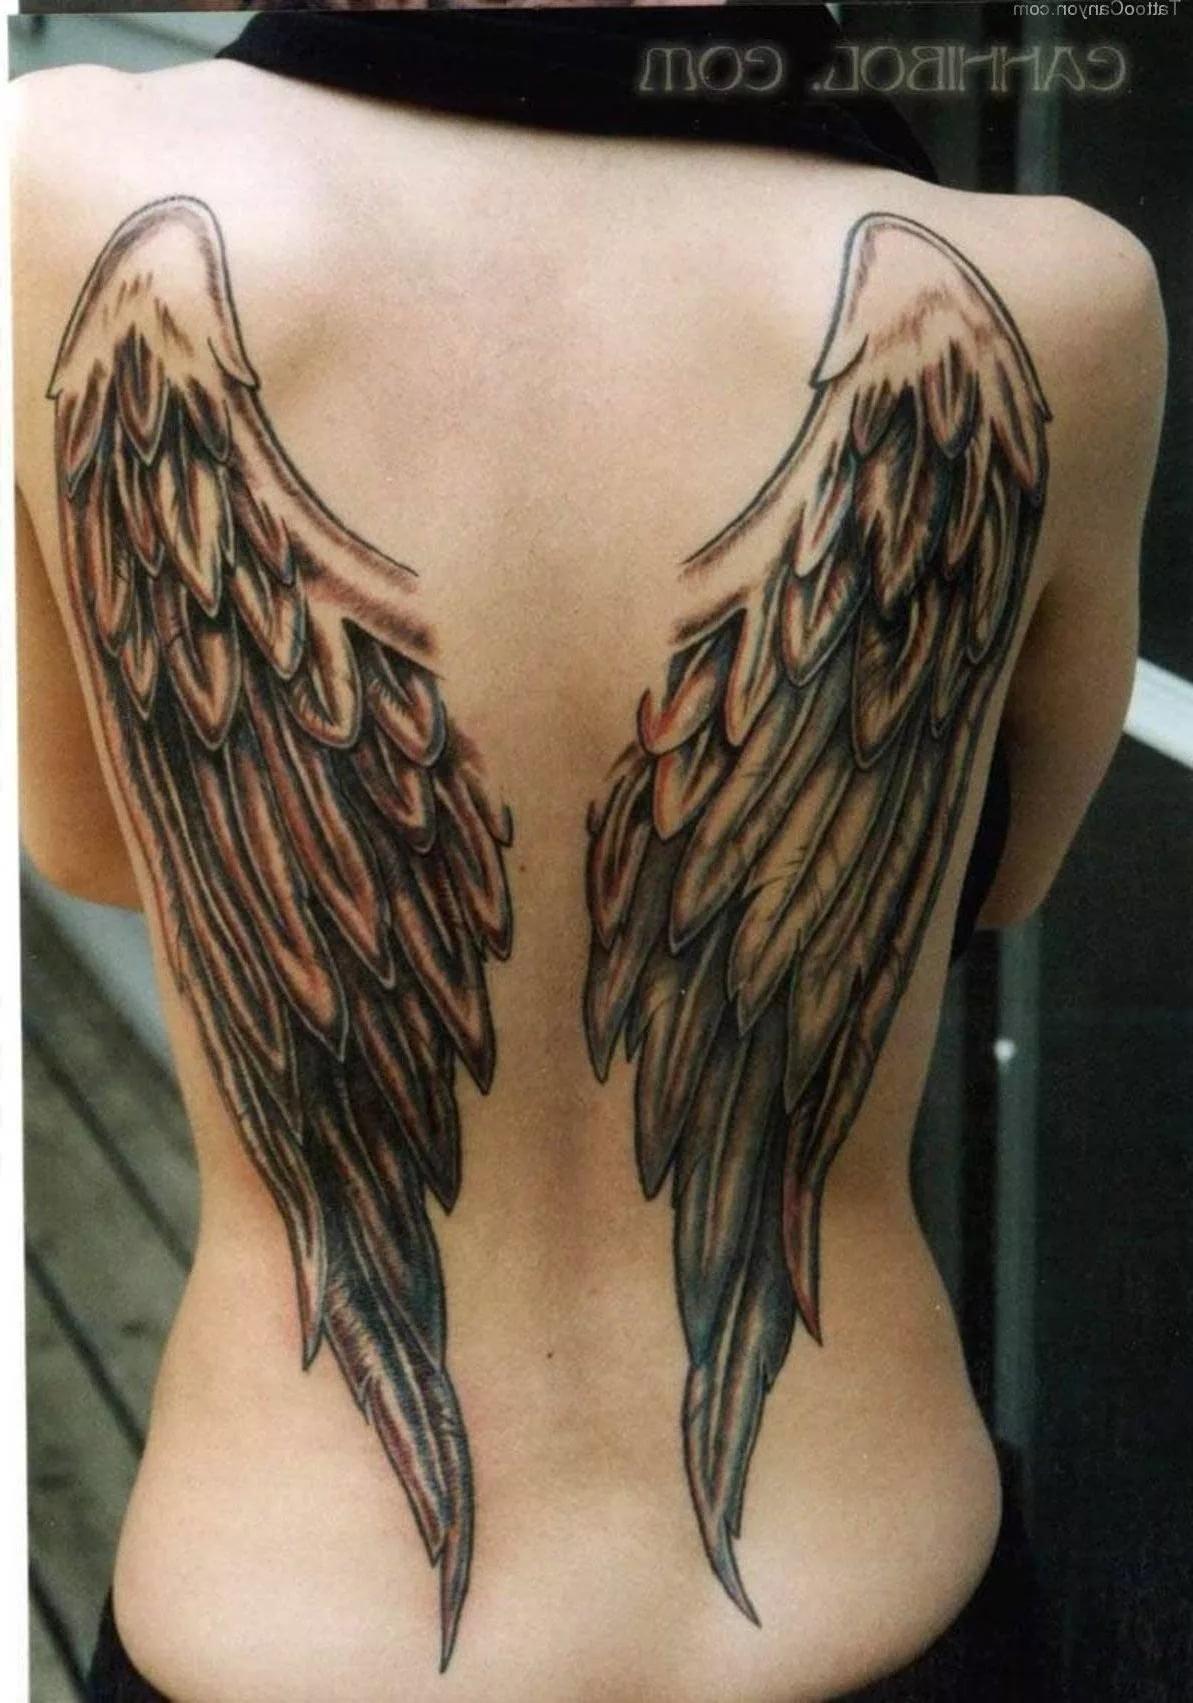 Фото татуировки с крыльями на спине